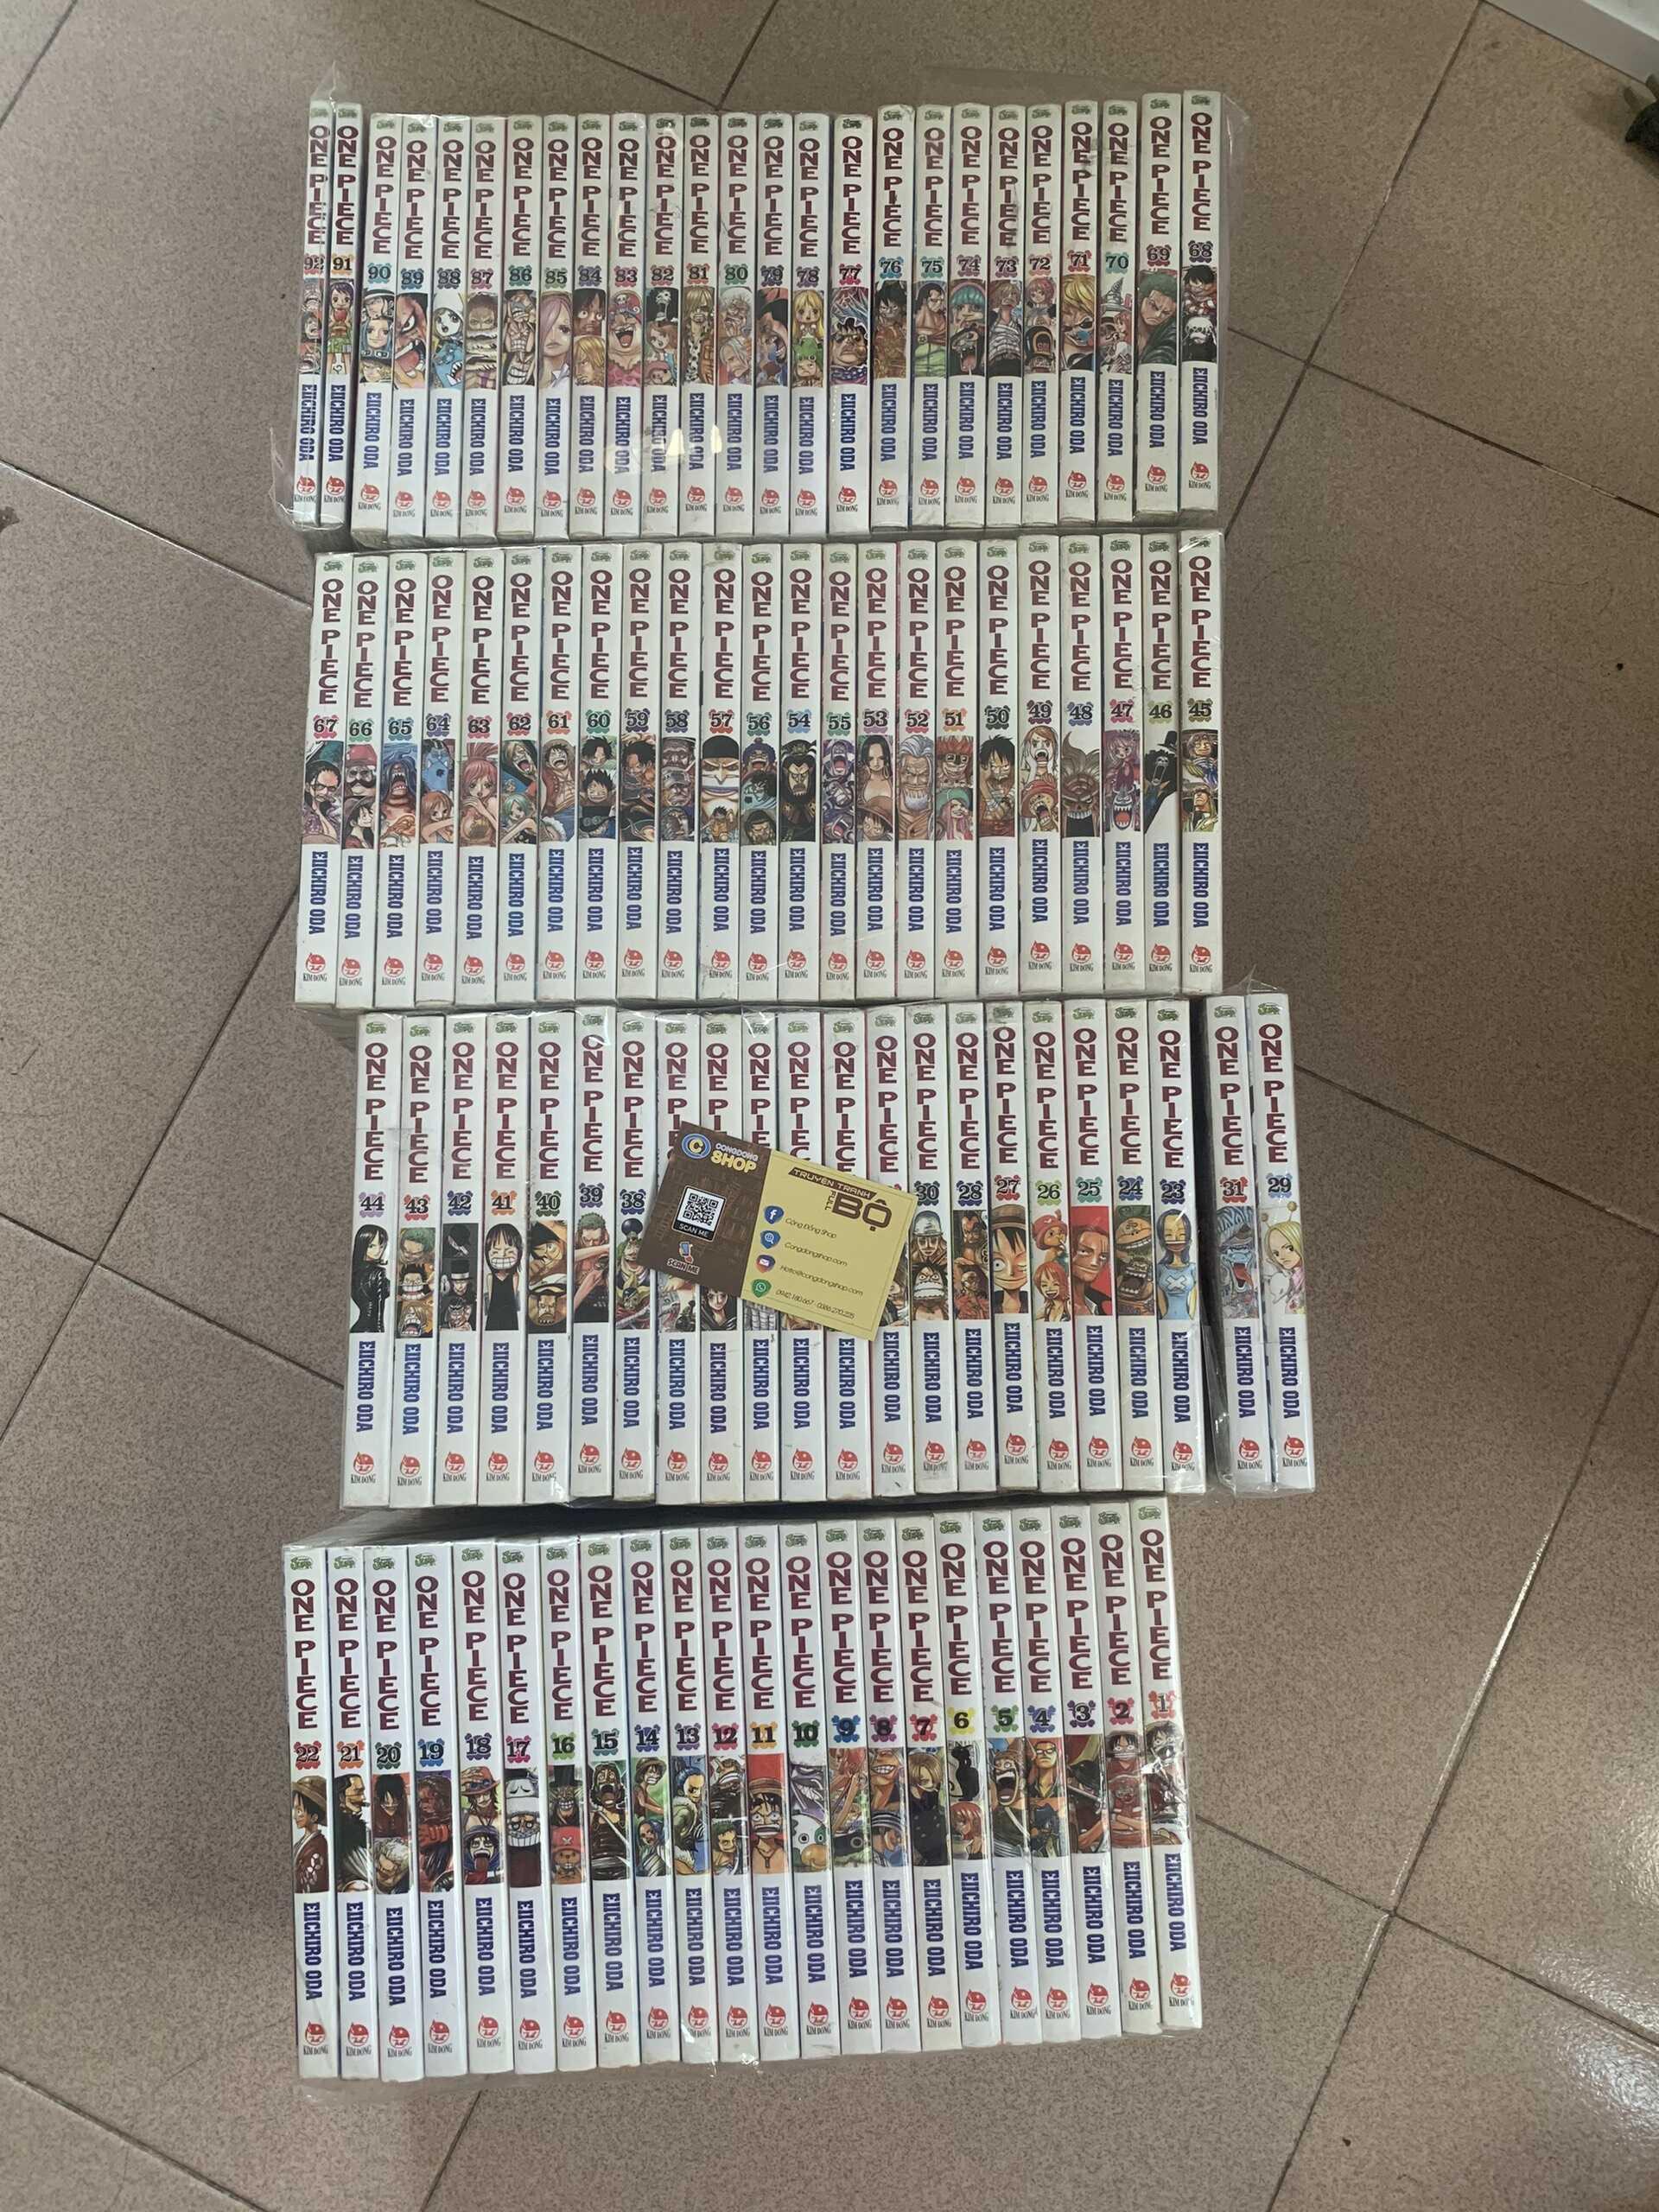 Truyện One Piece Đảo Hải Tặc Full bộ giá rẻ